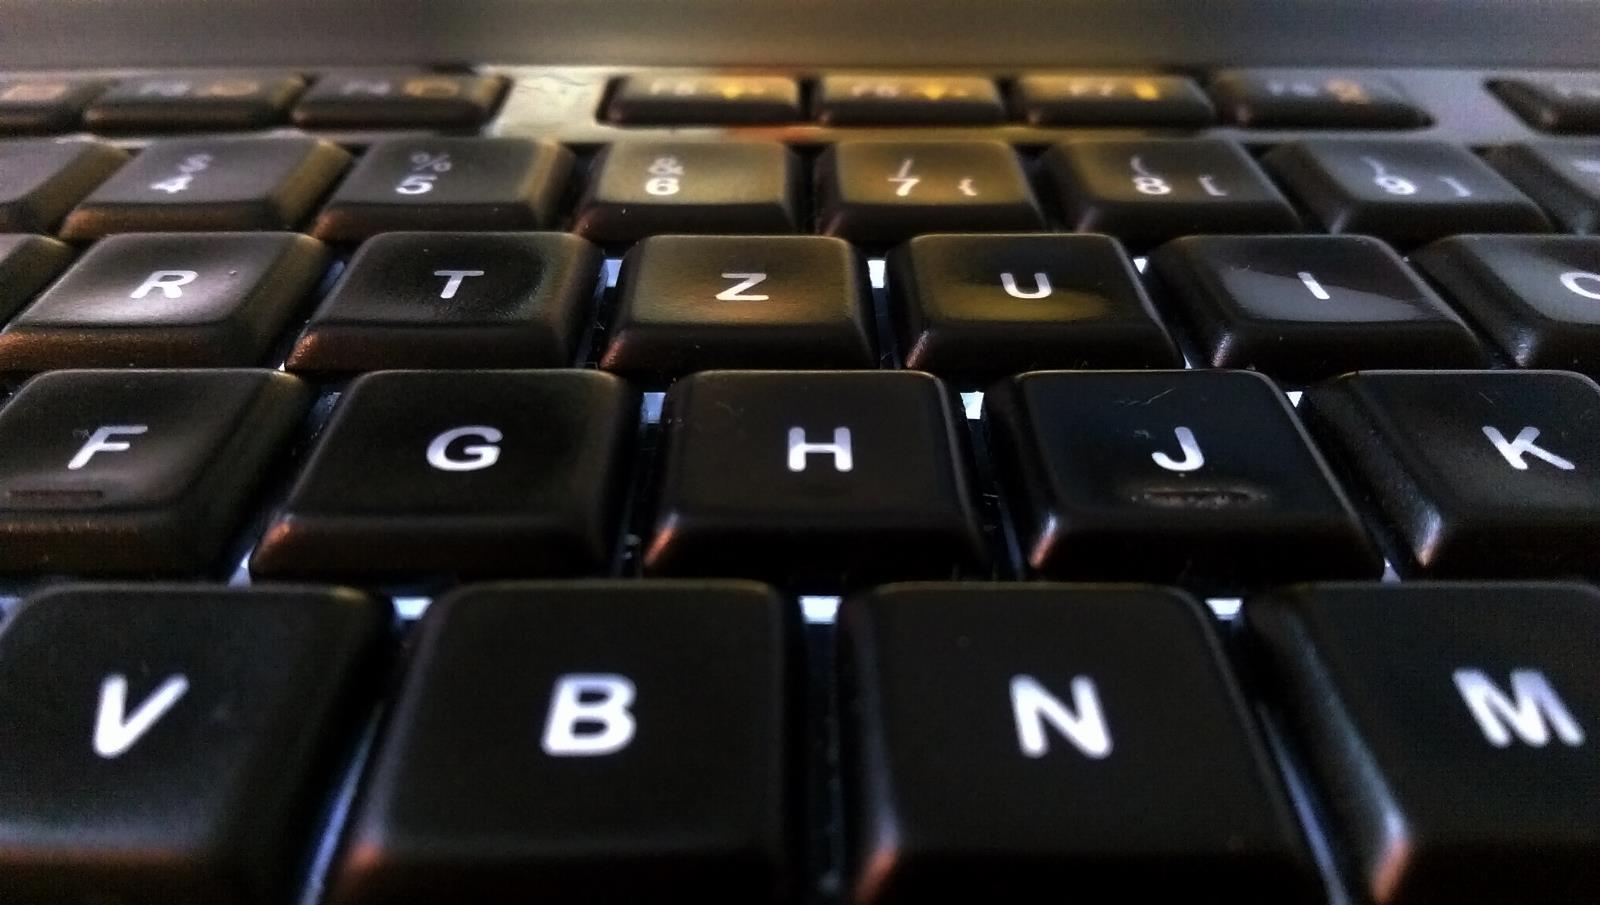 Logitech-Keyboard (darkened)